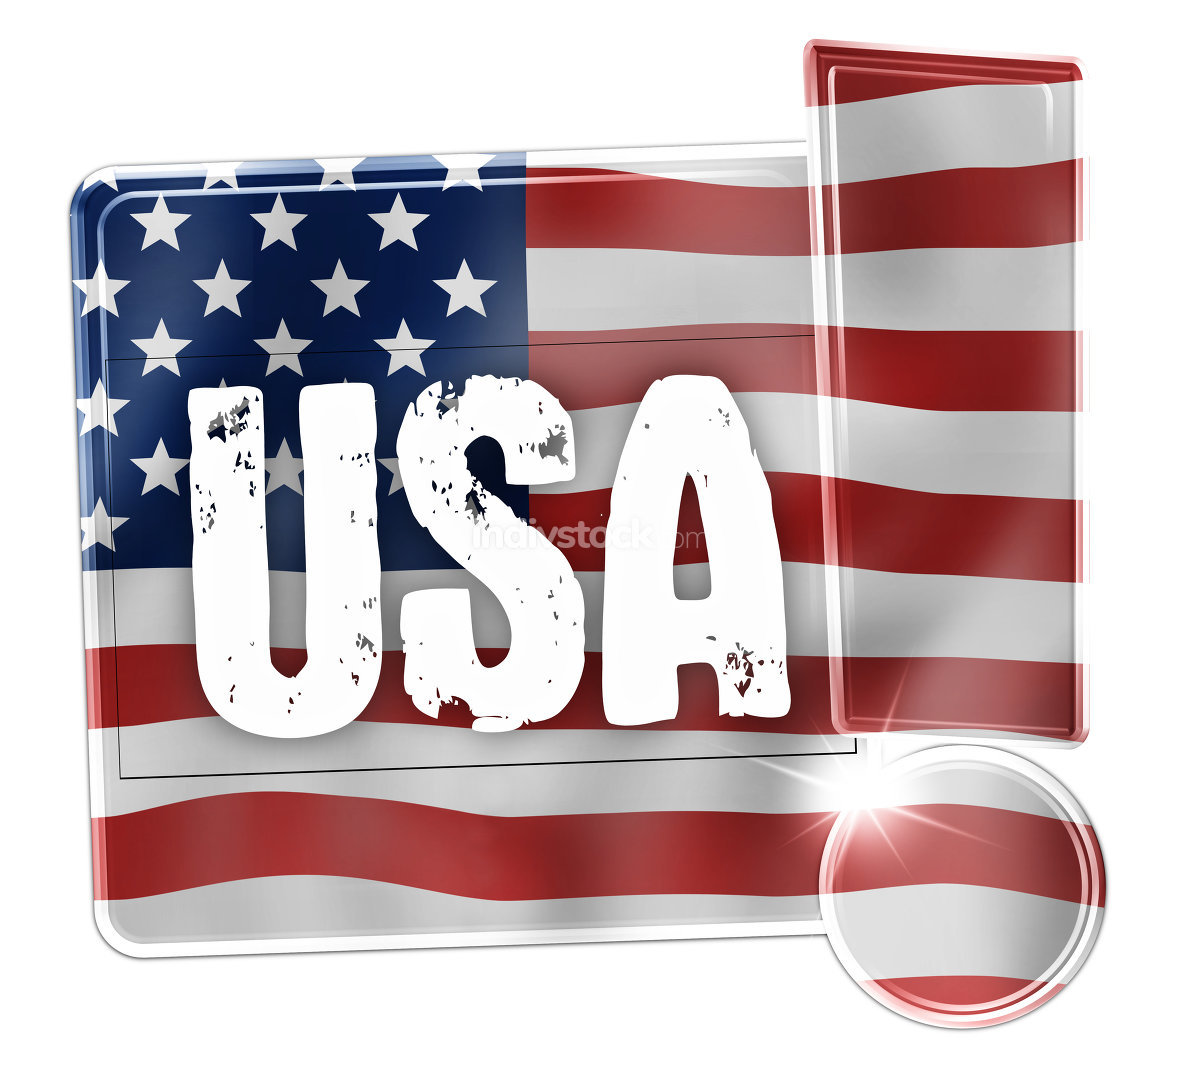 USA Creative Flag Concept